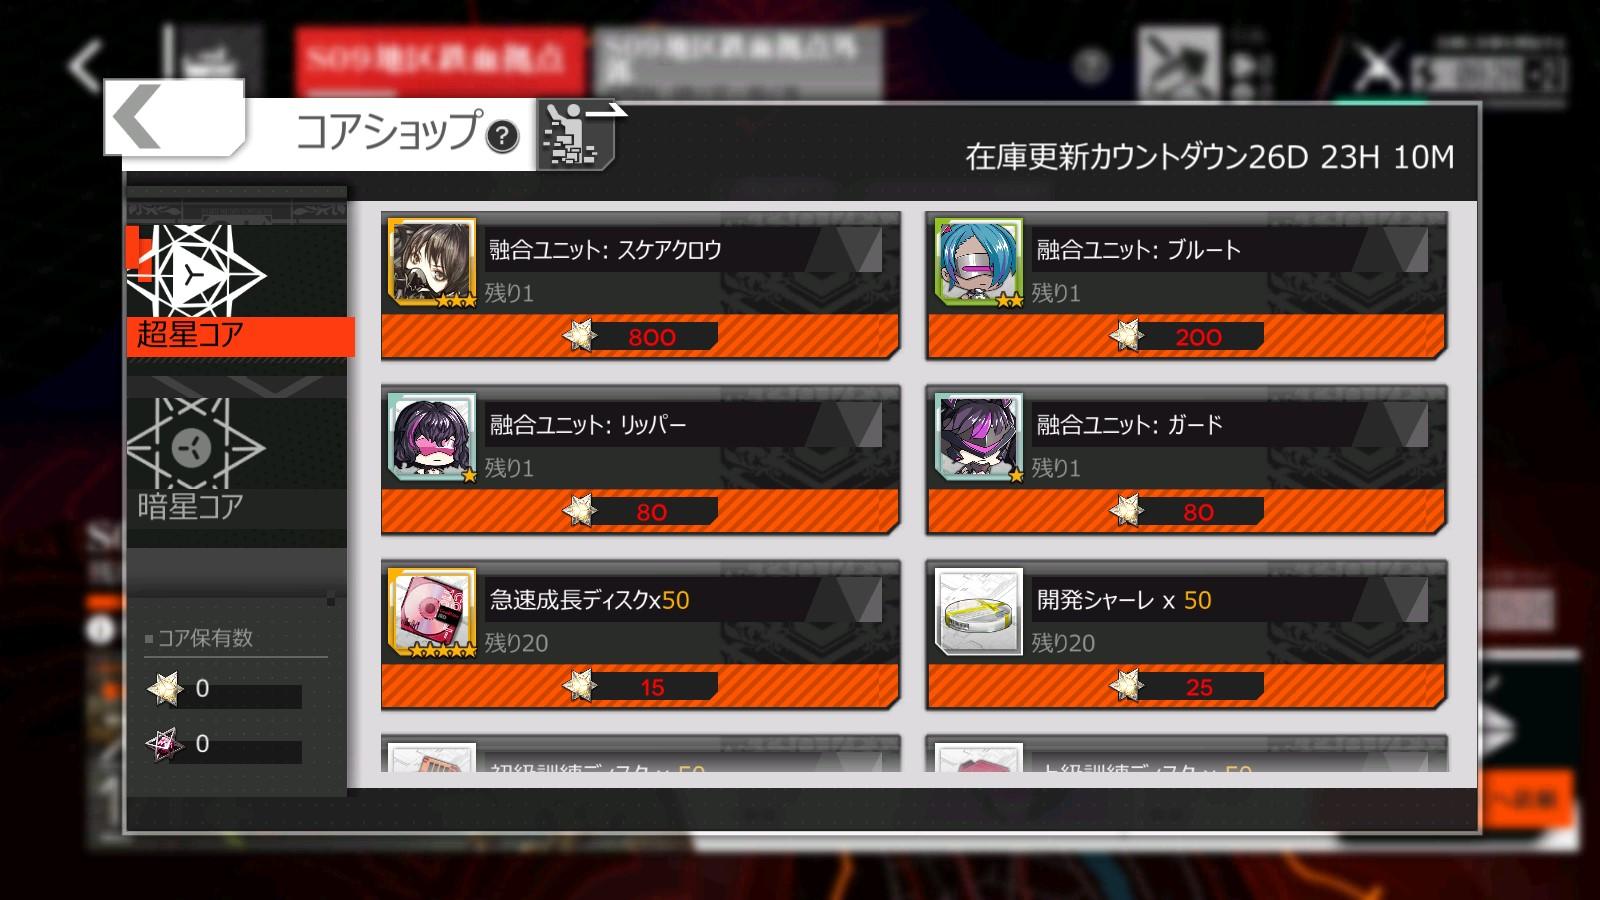 捕獲作戦_コアショップ.jpg